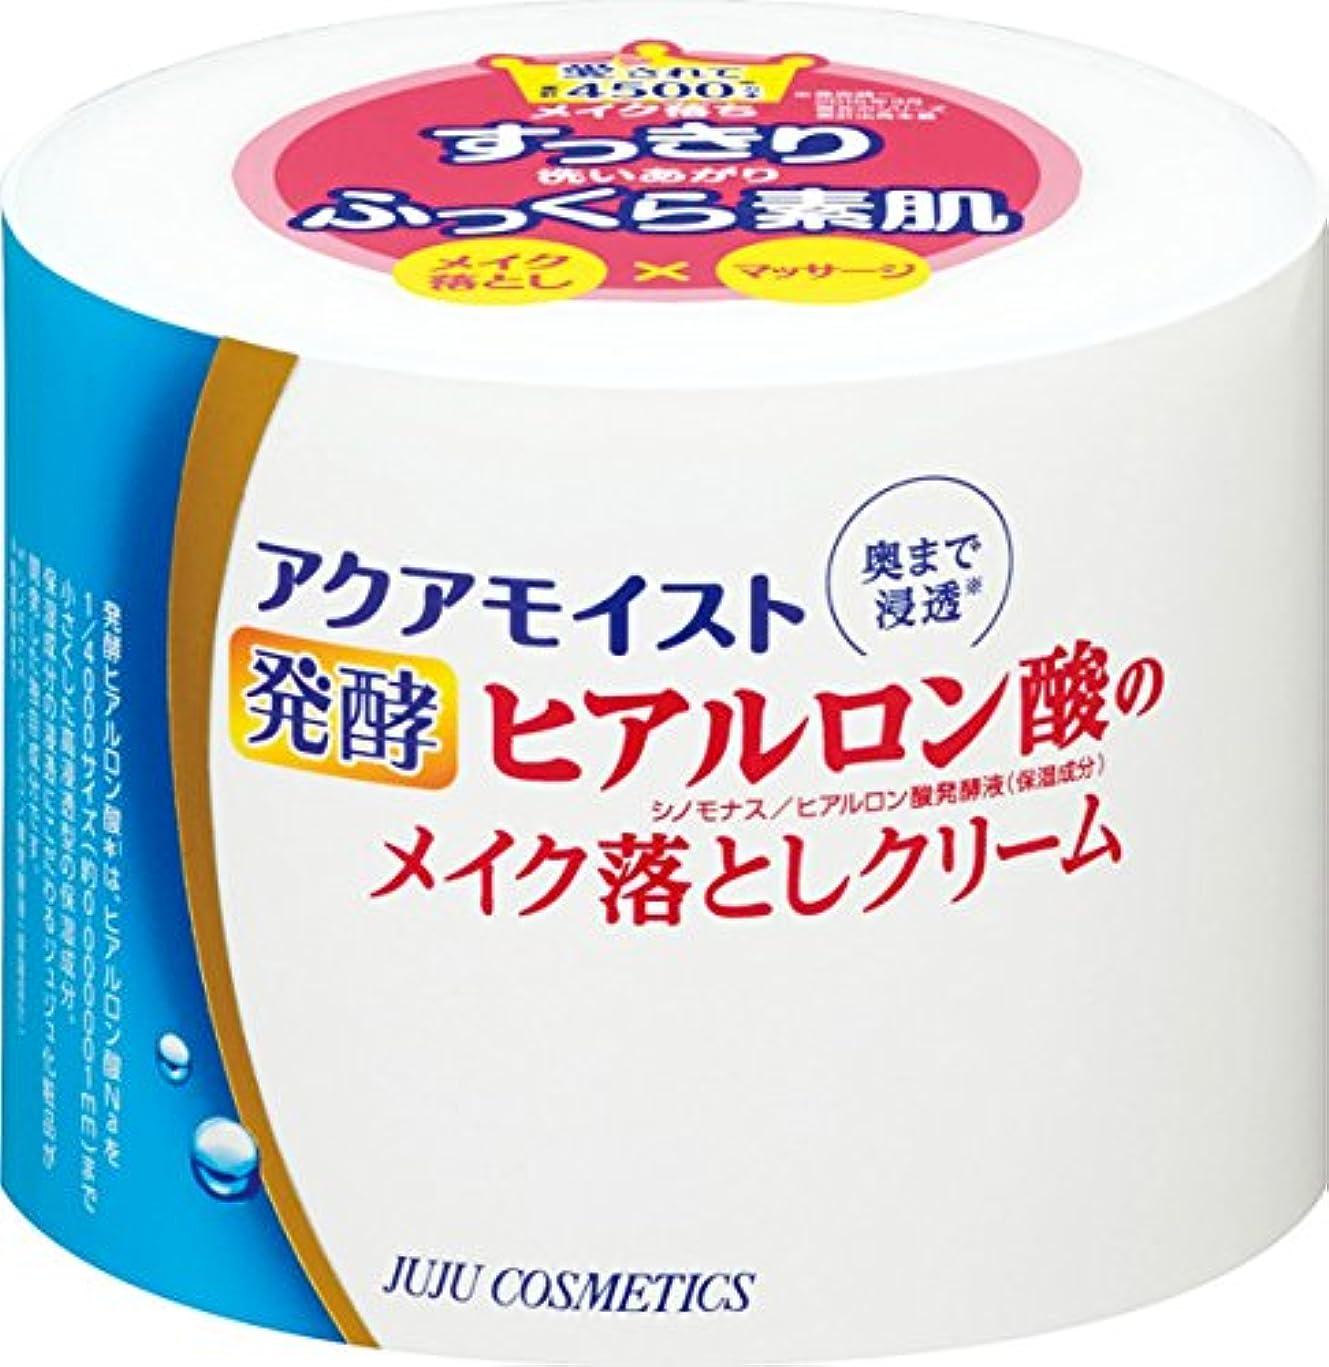 適応うつ待つアクアモイスト 発酵ヒアルロン酸のメイク落としクリーム 160g